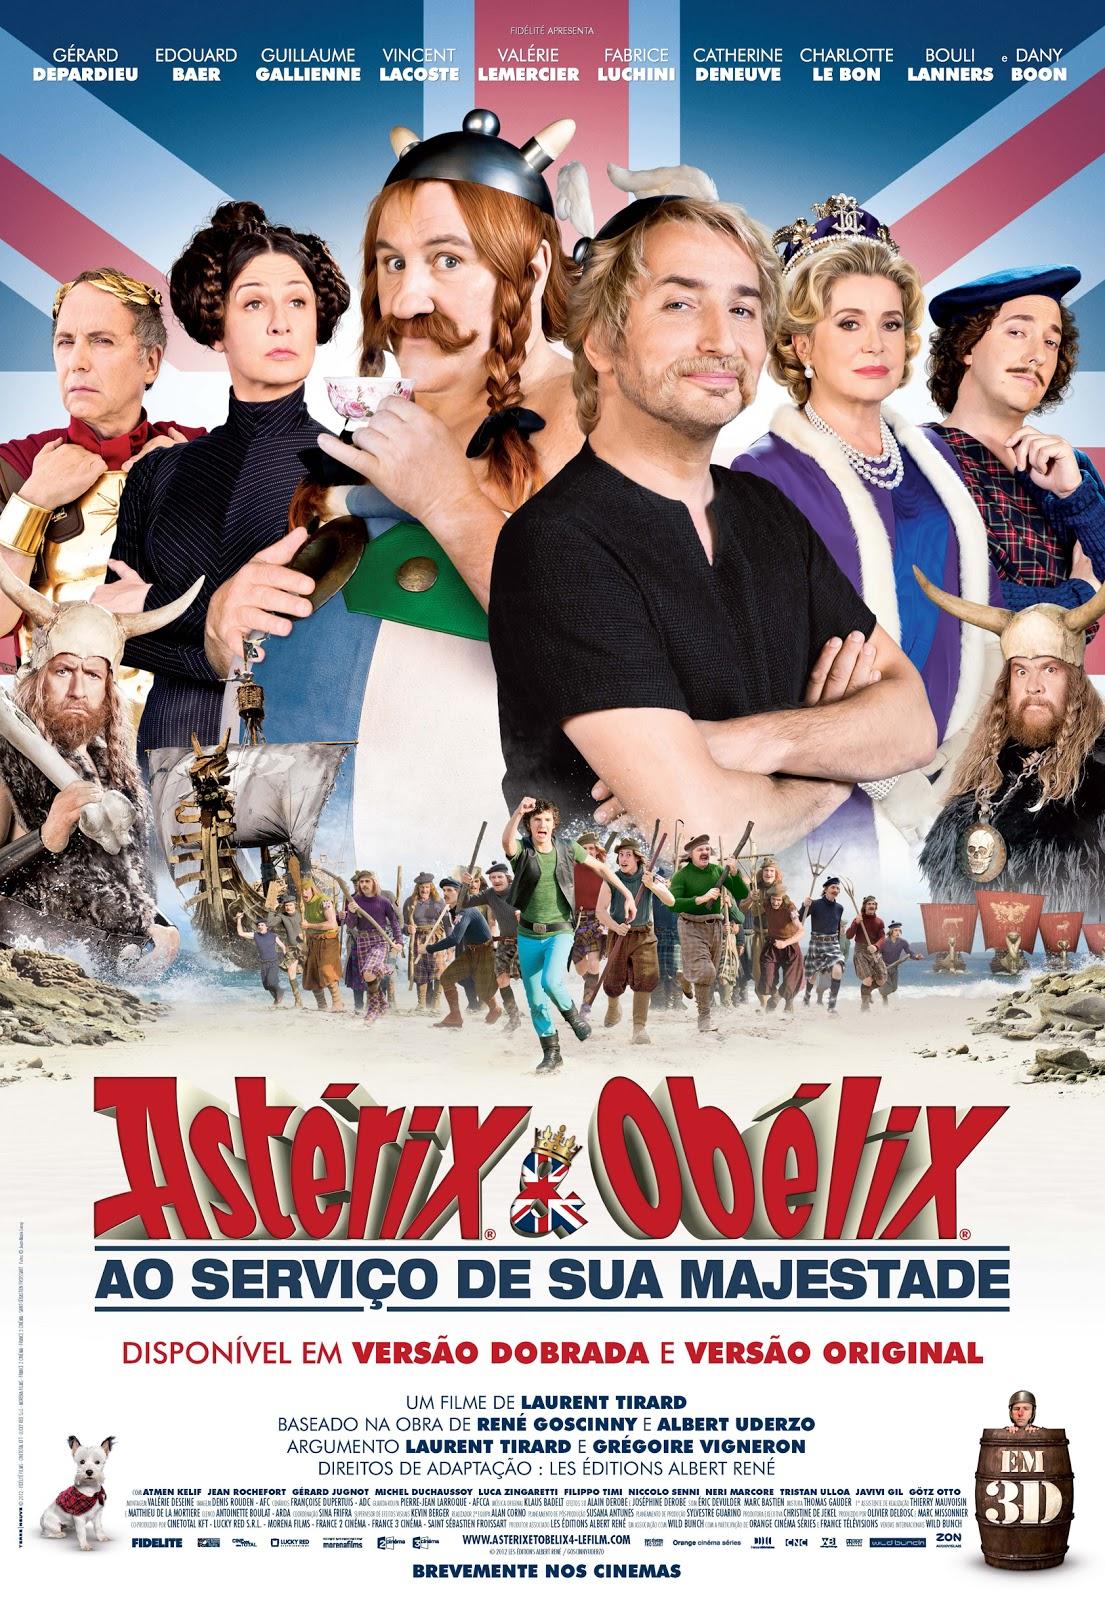 Asterix e Obelix – A Serviço de sua Majestade Legendado